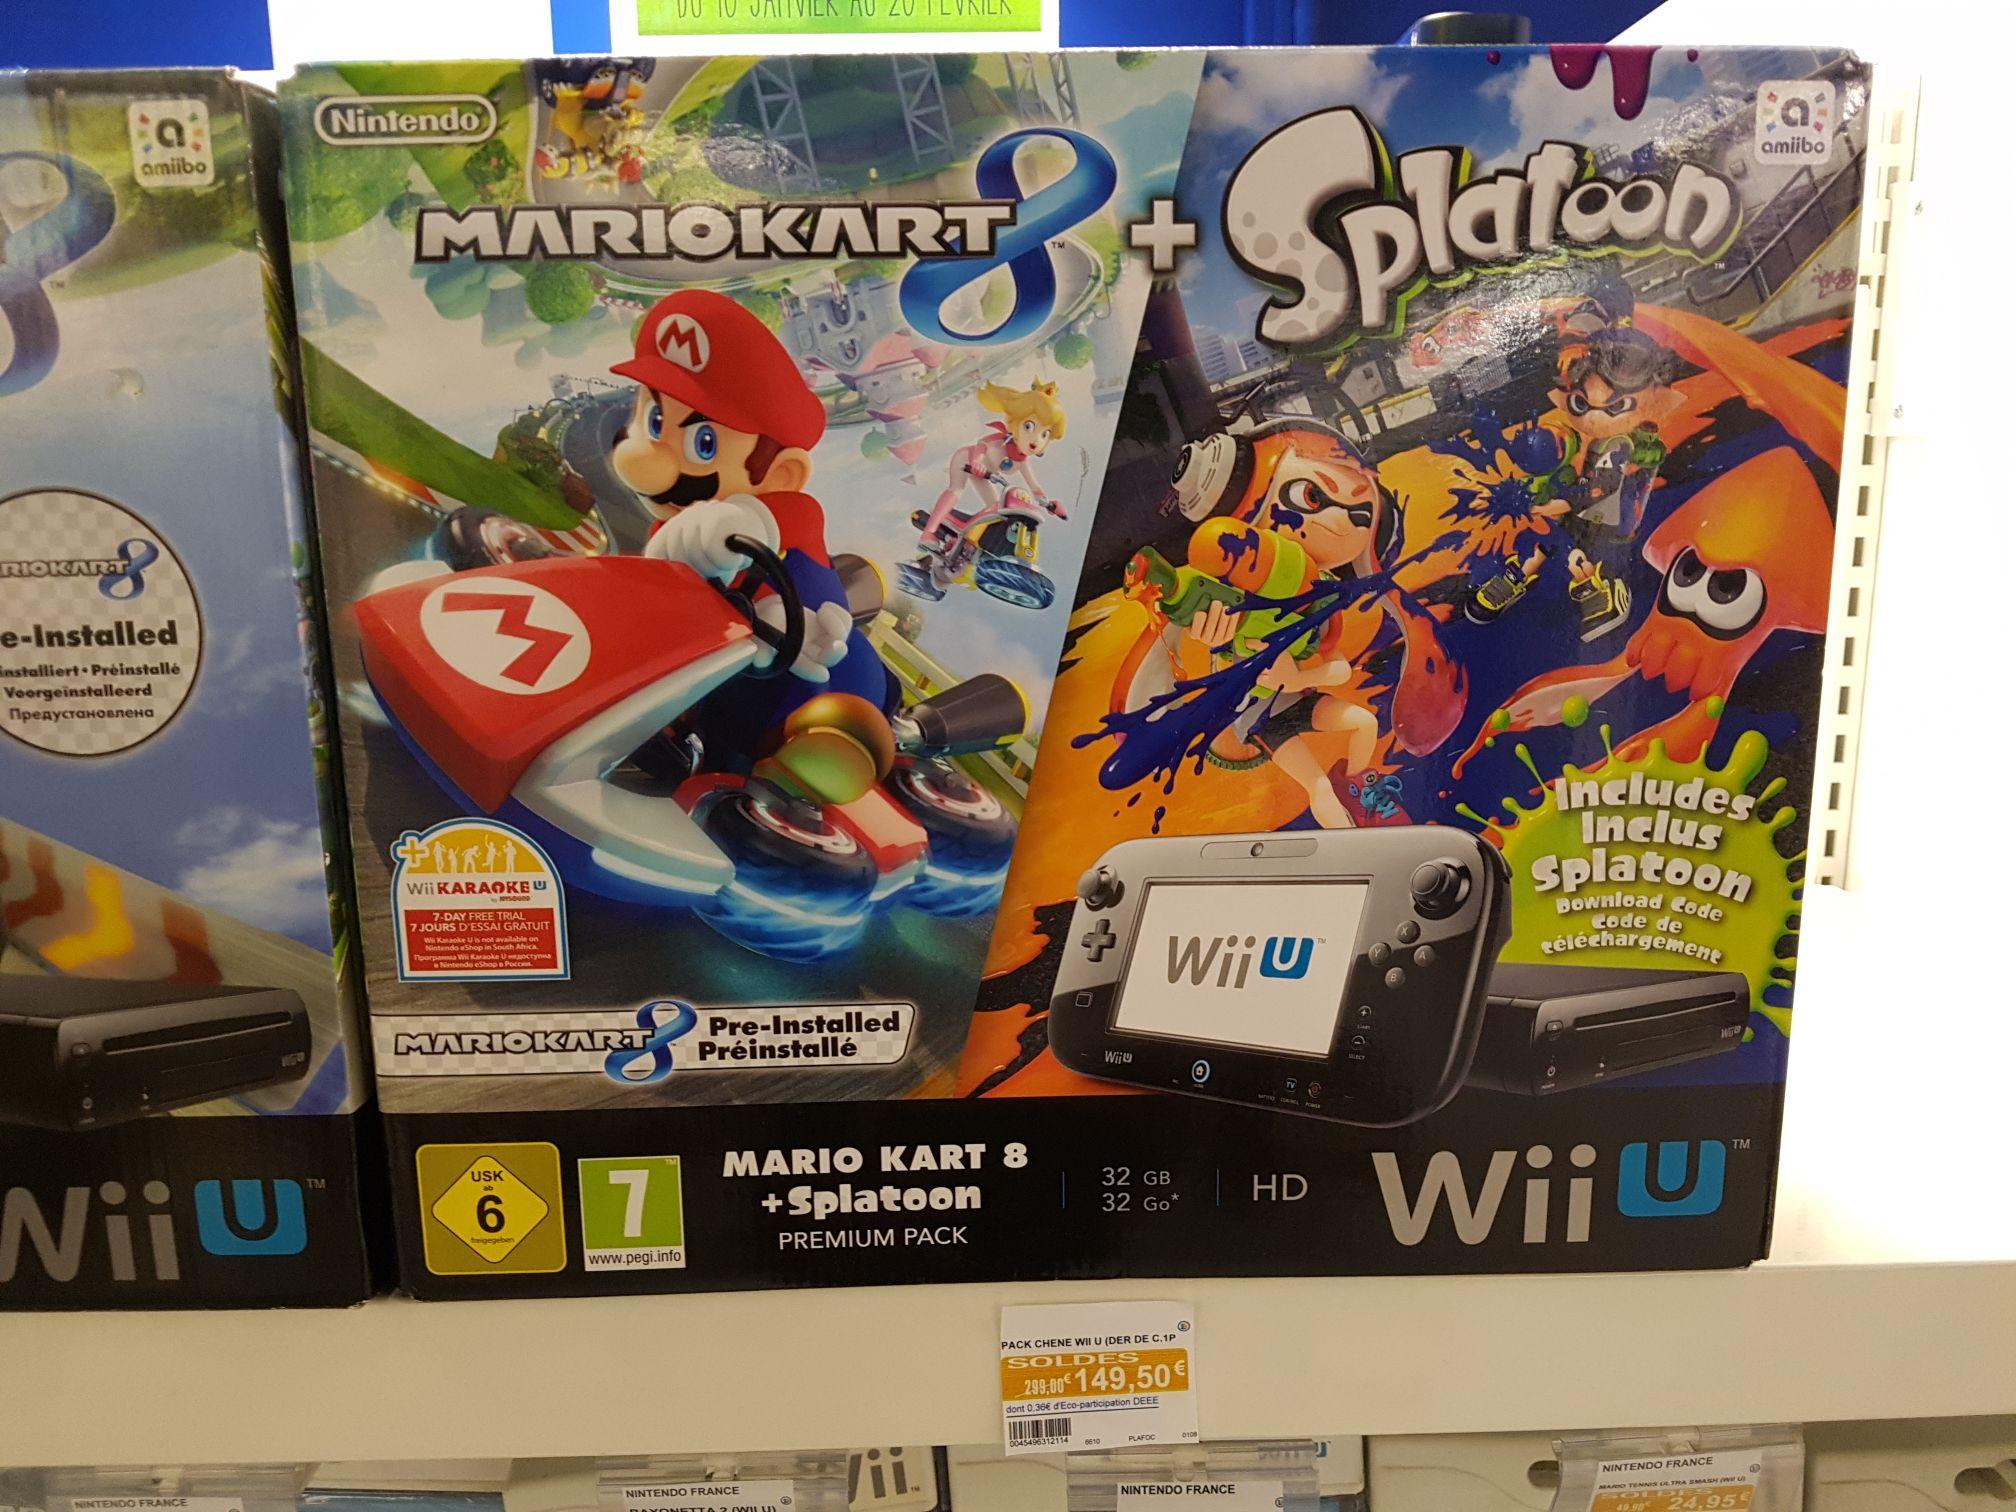 Console Nintendo Wii U Premium 32Go + Mario Kart 8 + Splatoon, (Leclerc saint Grégoire - 35)